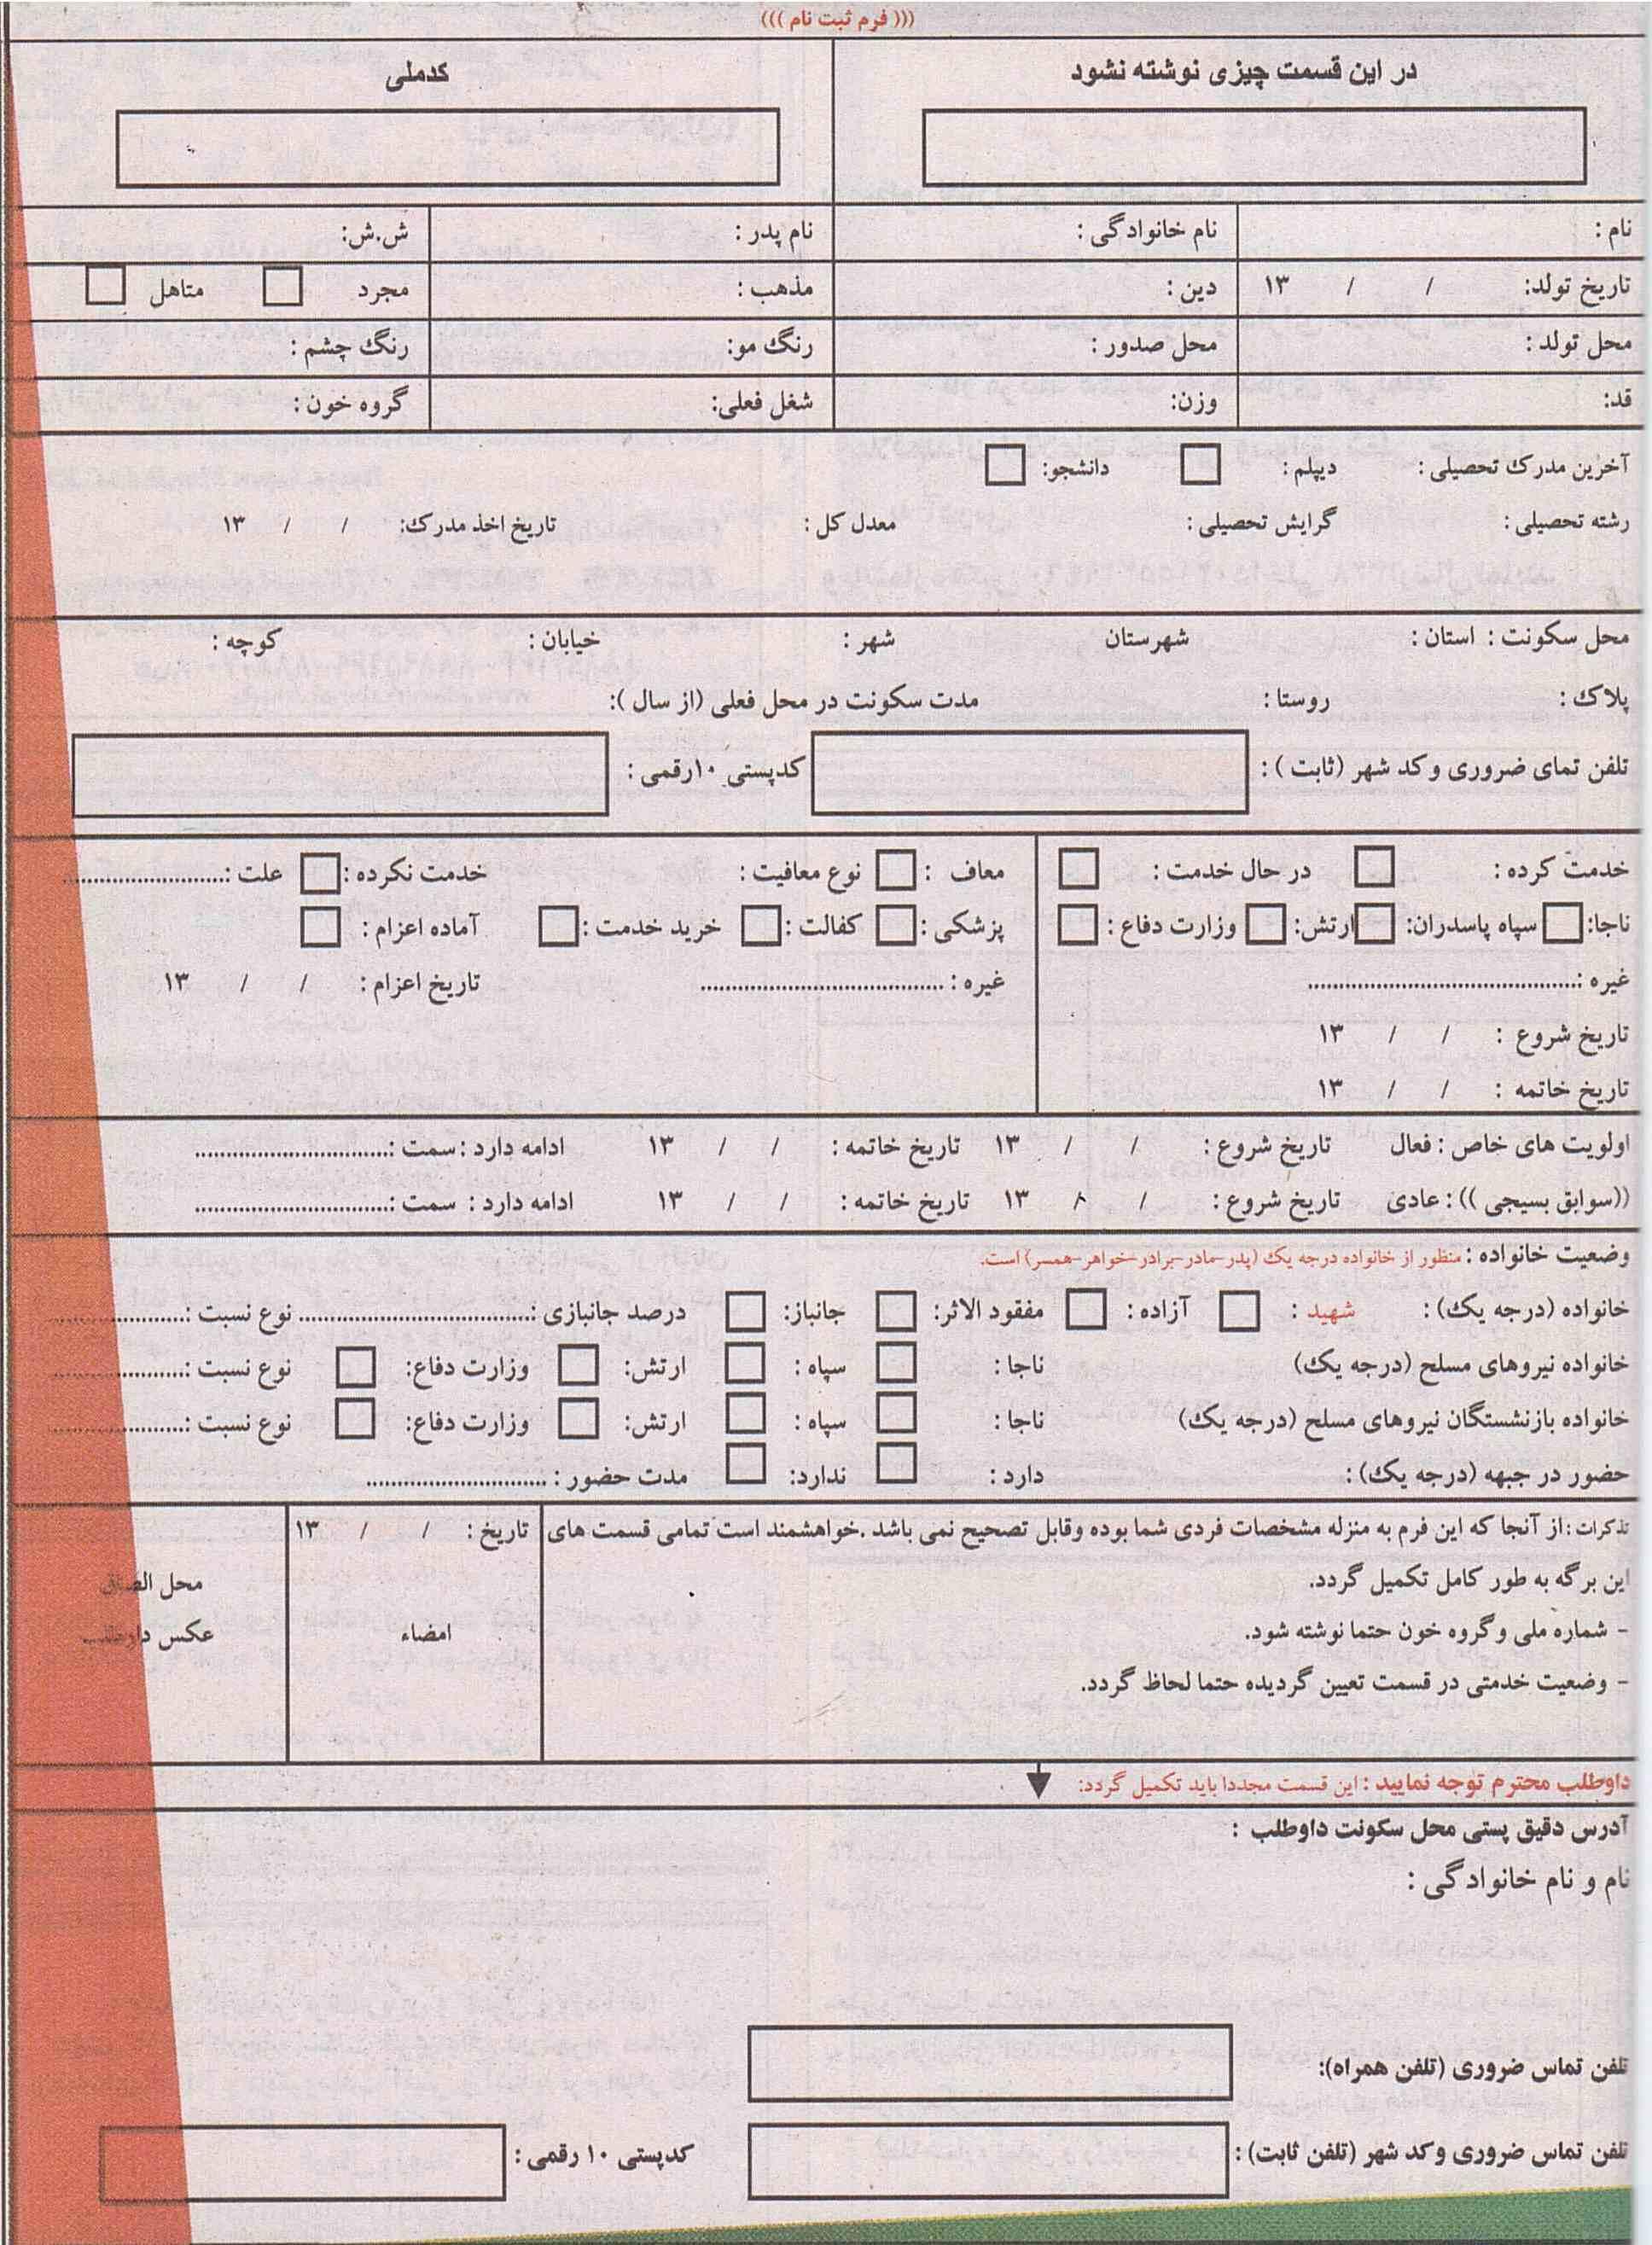 استخدام در معاونت فاوا - نیروی انتظامی